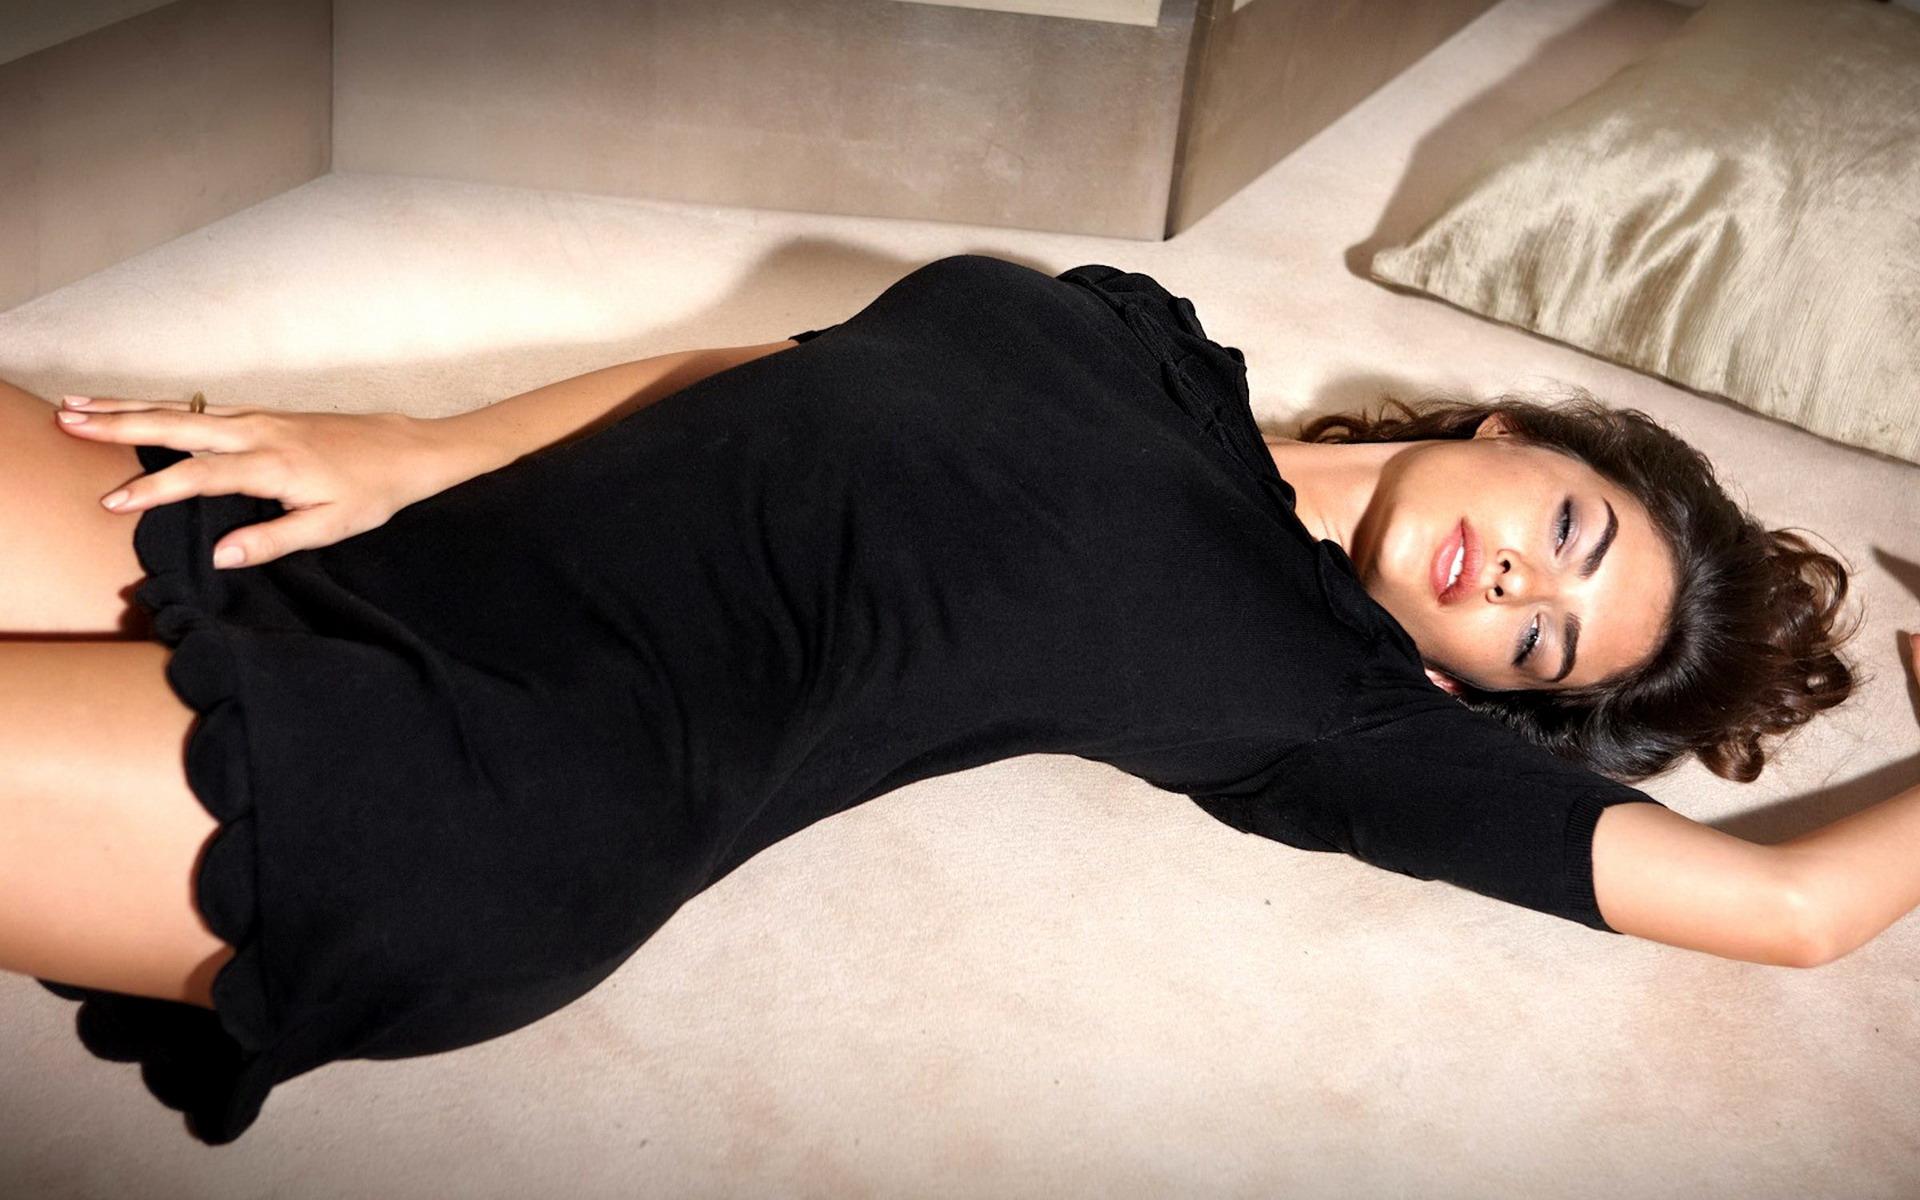 Фото красивых девушек в чёрном нижнем белье 20 фотография